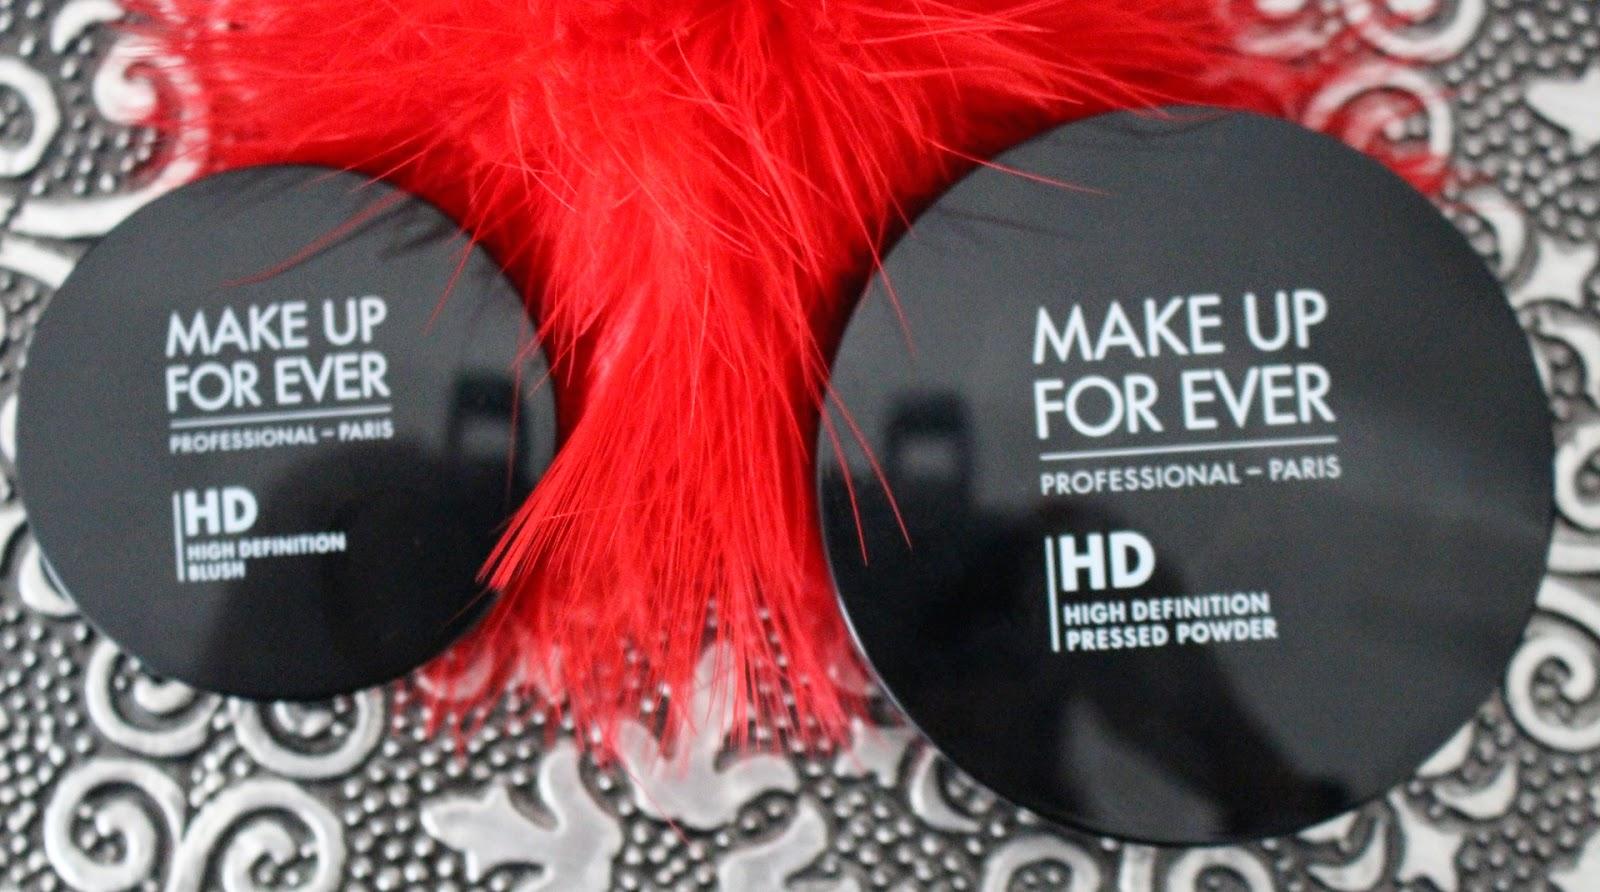 Make Hd Et Blush De Poudre Microfinition Crème For Compacte Up j34AqRL5